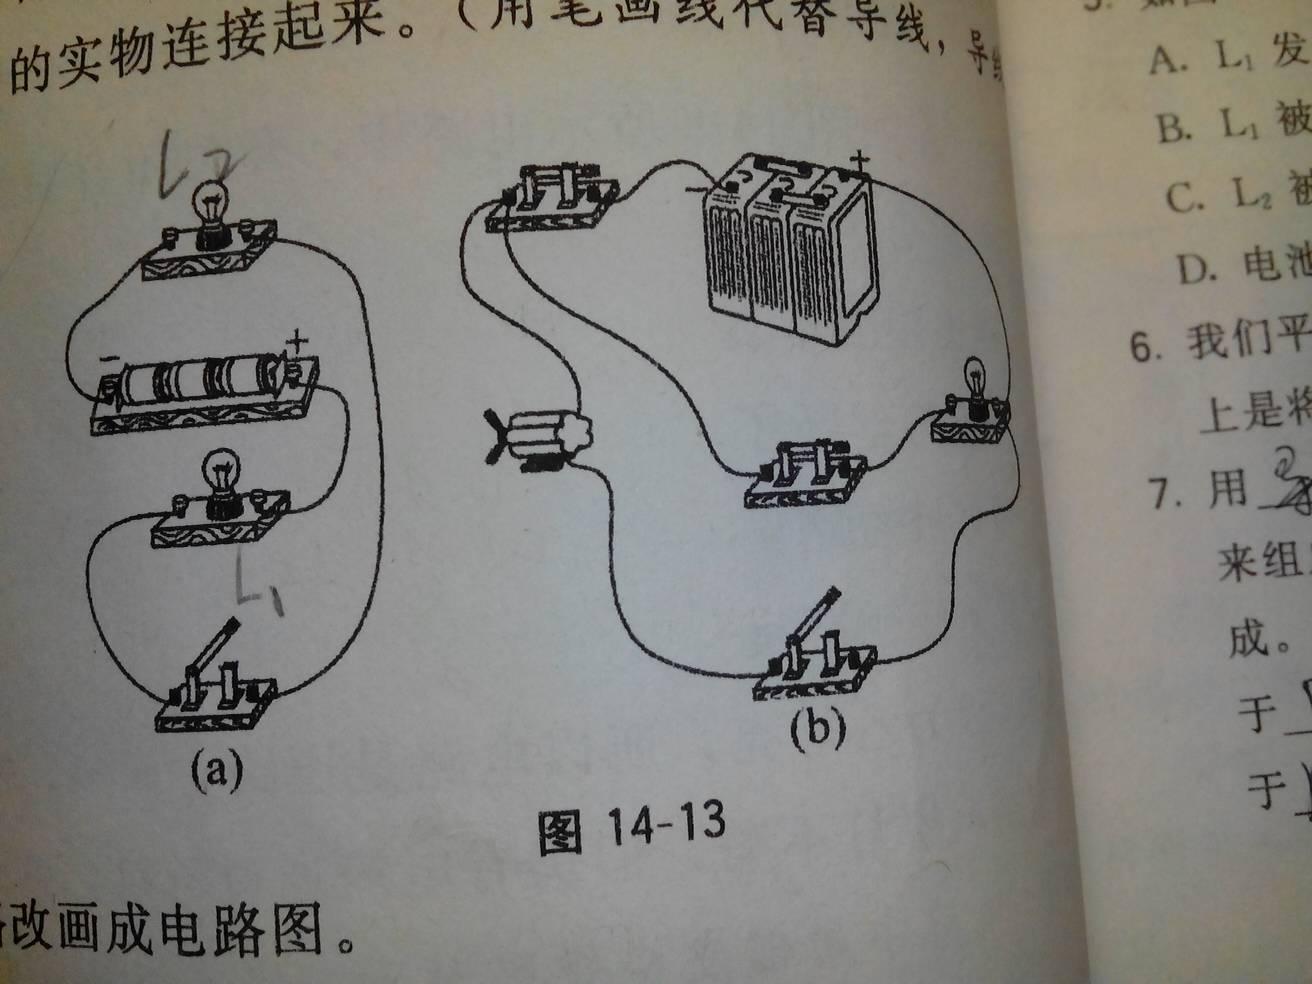 请将图中的两个实物电路改画成电路图,谢谢!